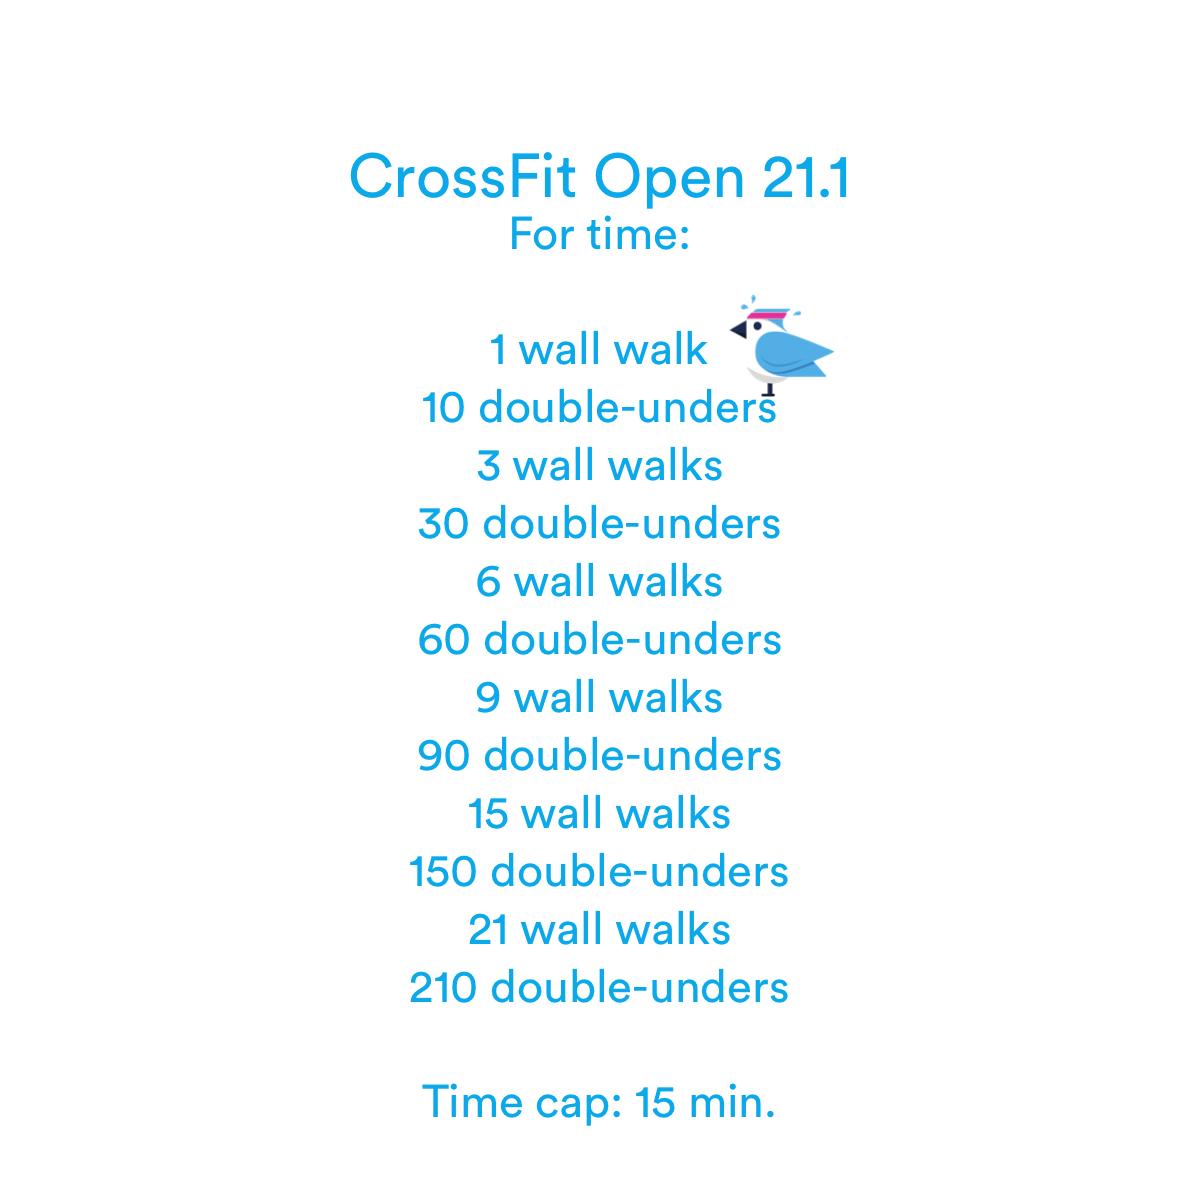 2021-03-13 Crossfit Open 21.1